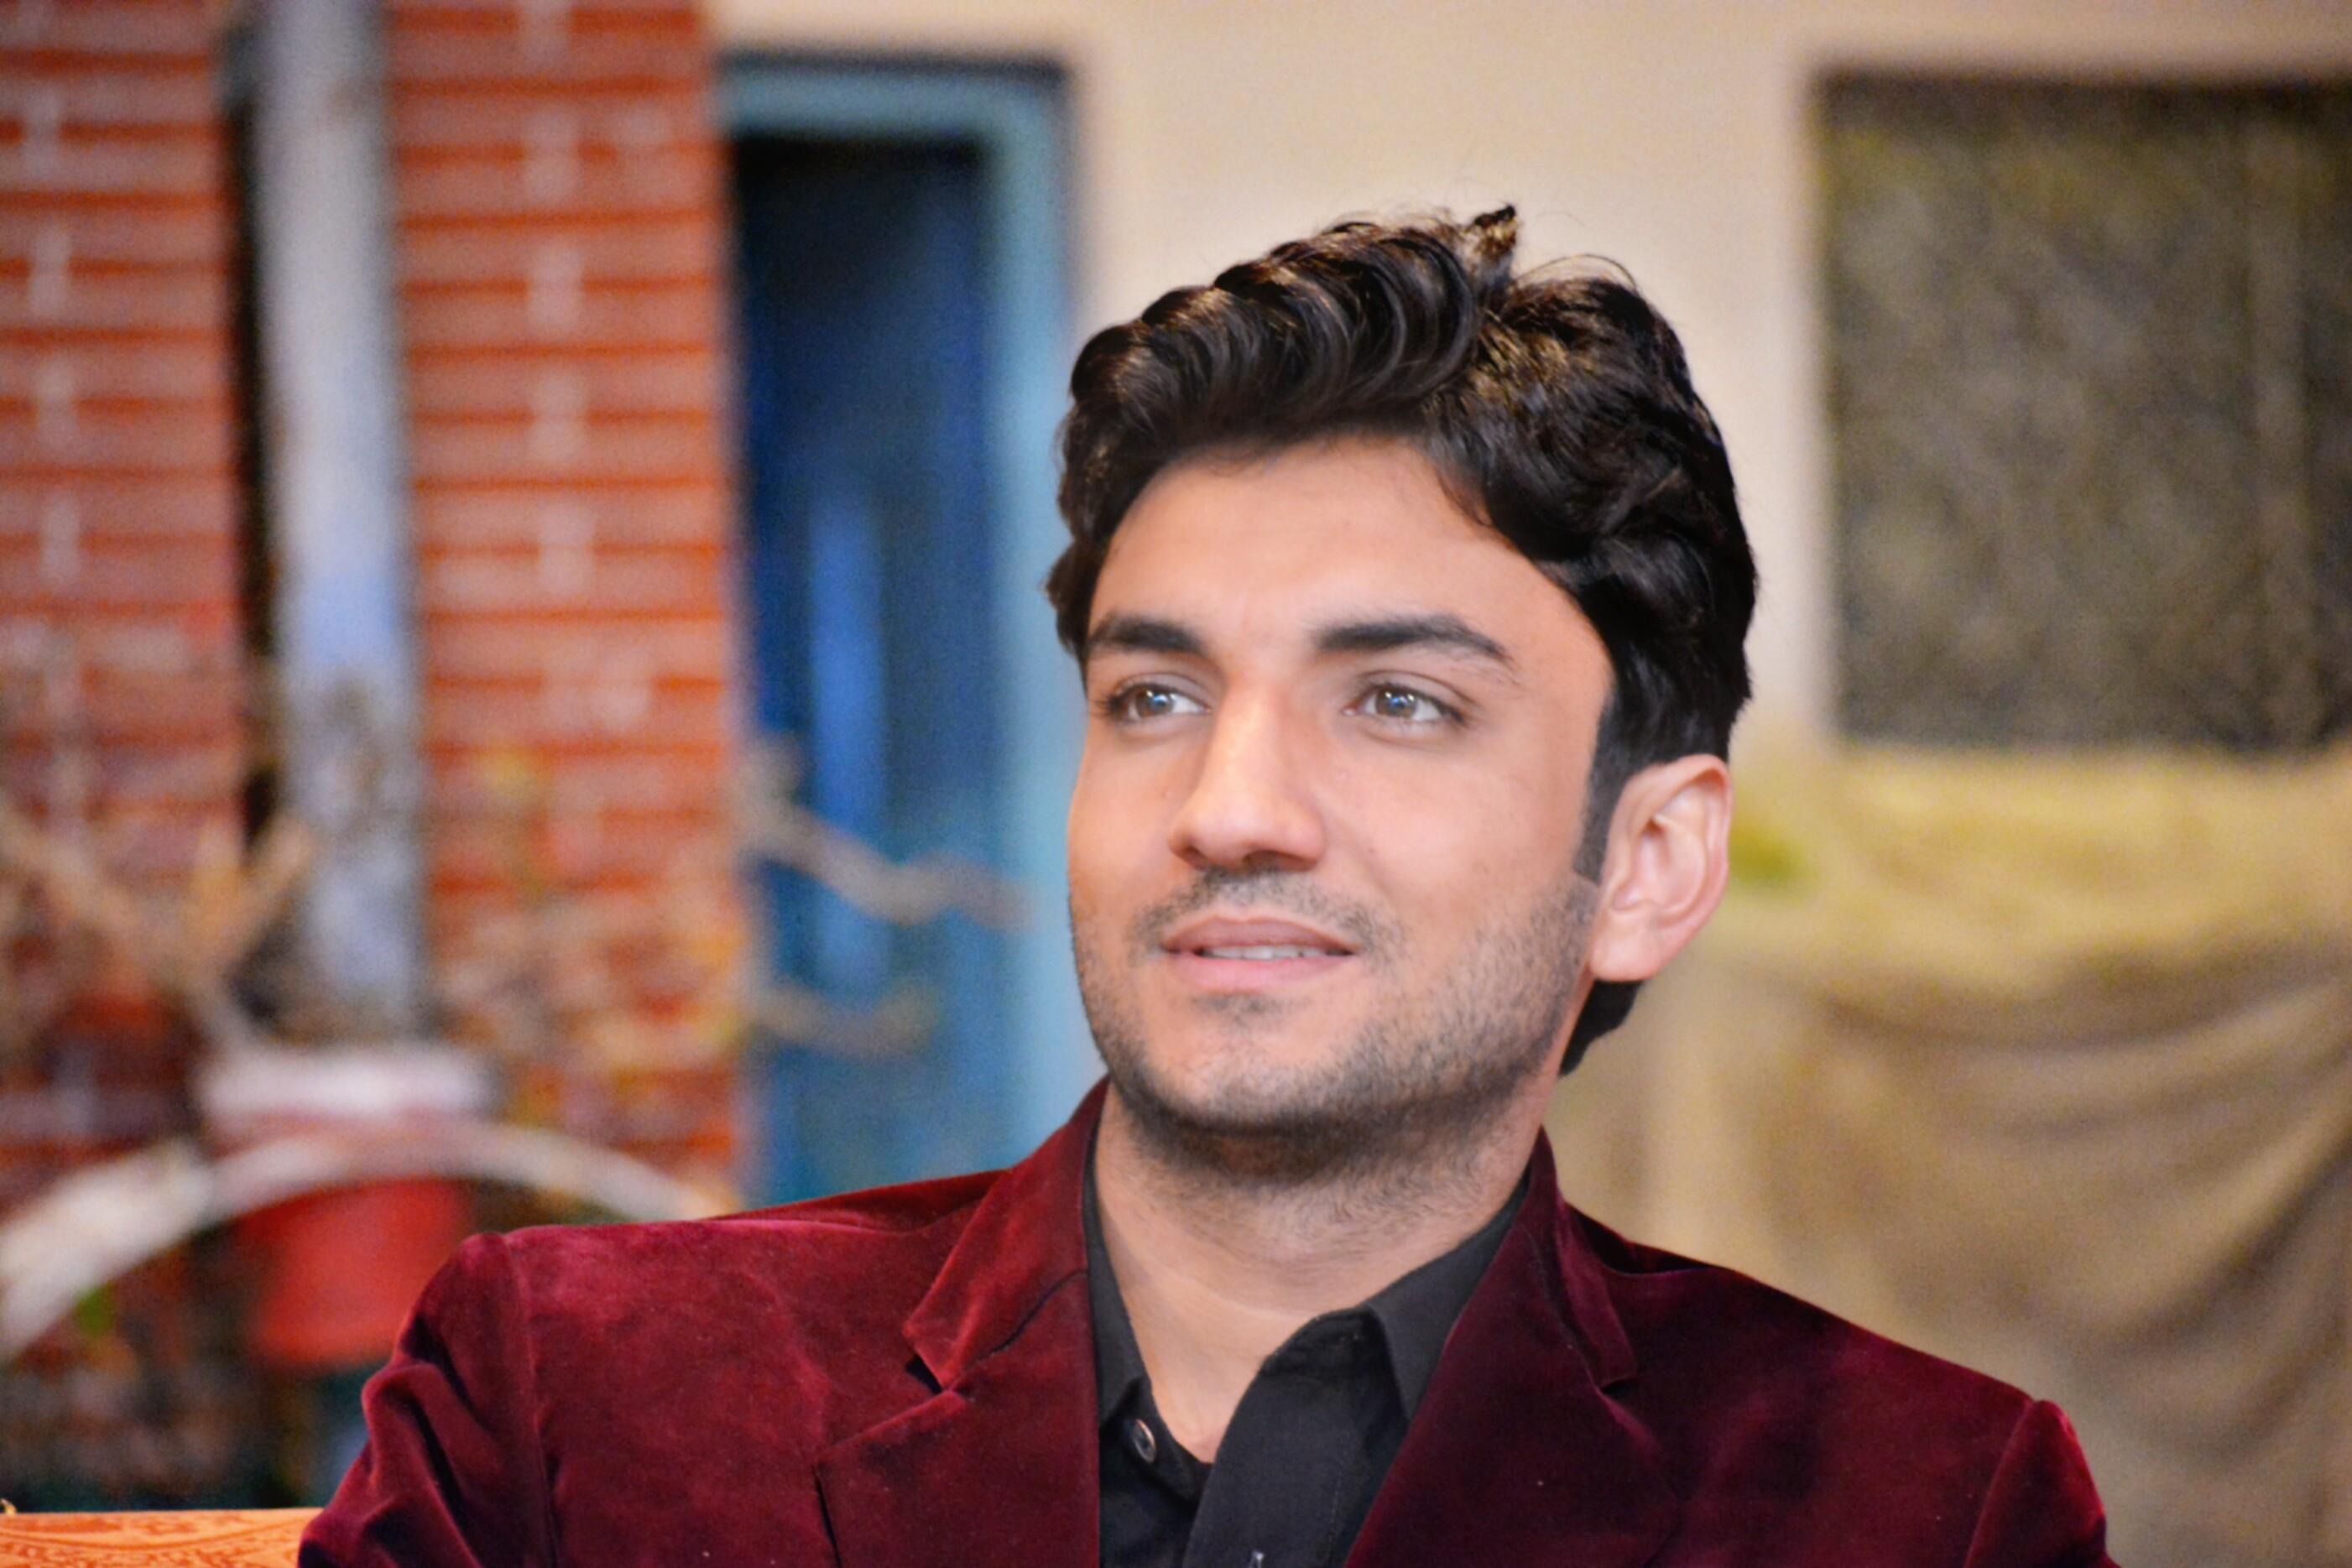 Altamash Khan